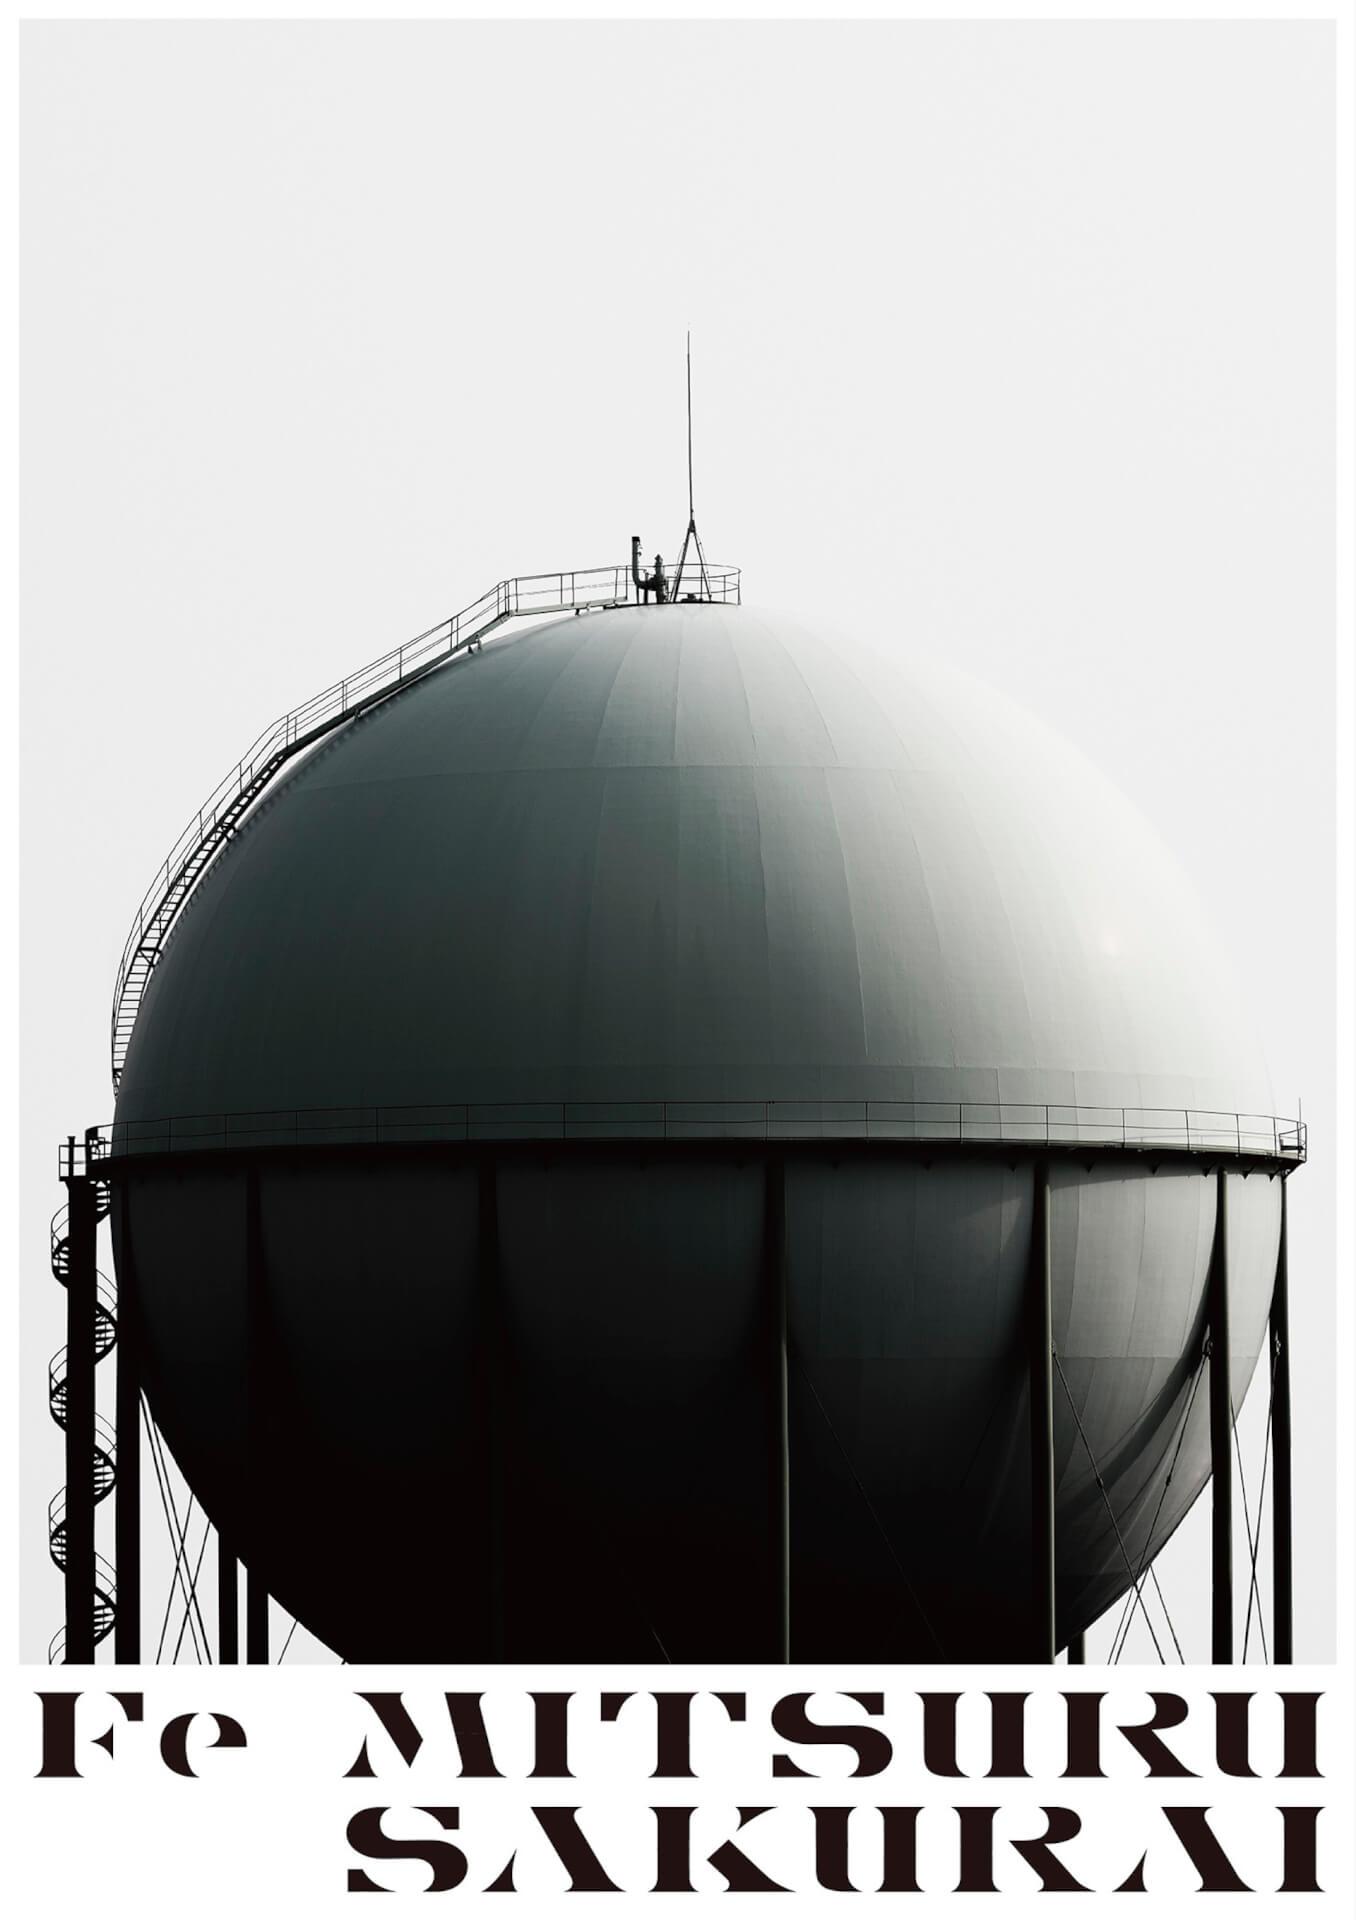 鉄をテーマとする写真家・櫻井充の写真展<Fe>開催決定|東京タワー、スカイツリーも登場する「鉄塔シリーズ」などが展示 ac200225_sakuraimitsuru_fe_04